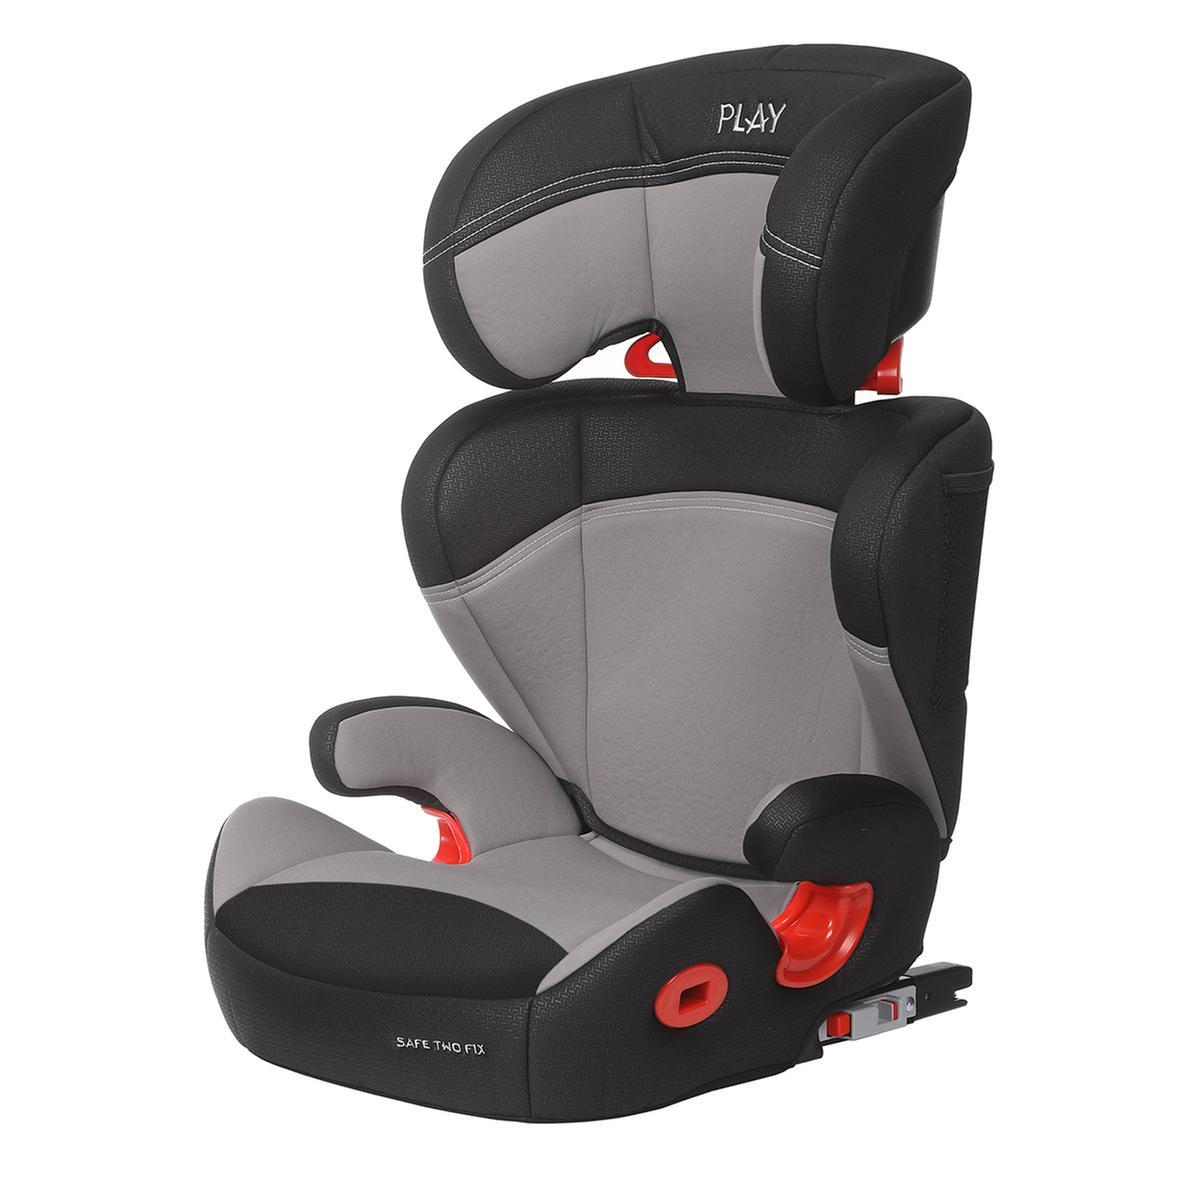 rojo Play Safe Two Fix Plus Silla de coche grupo 2//3 Isofix